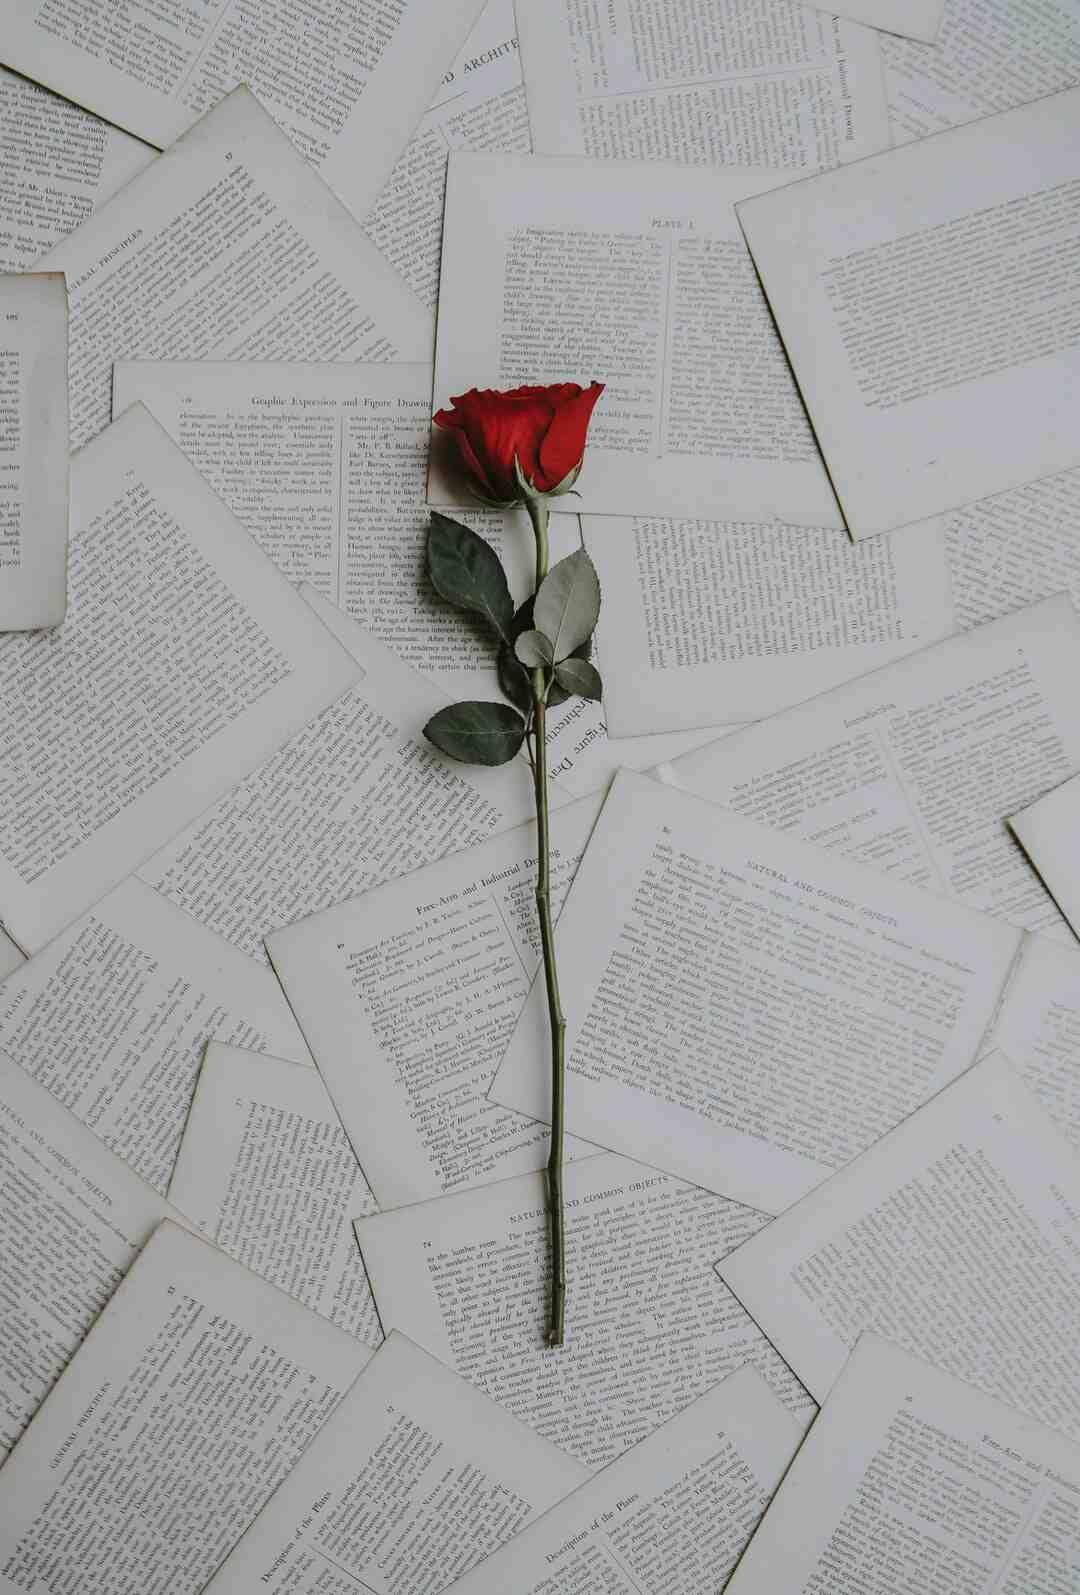 Comment oublier un amour